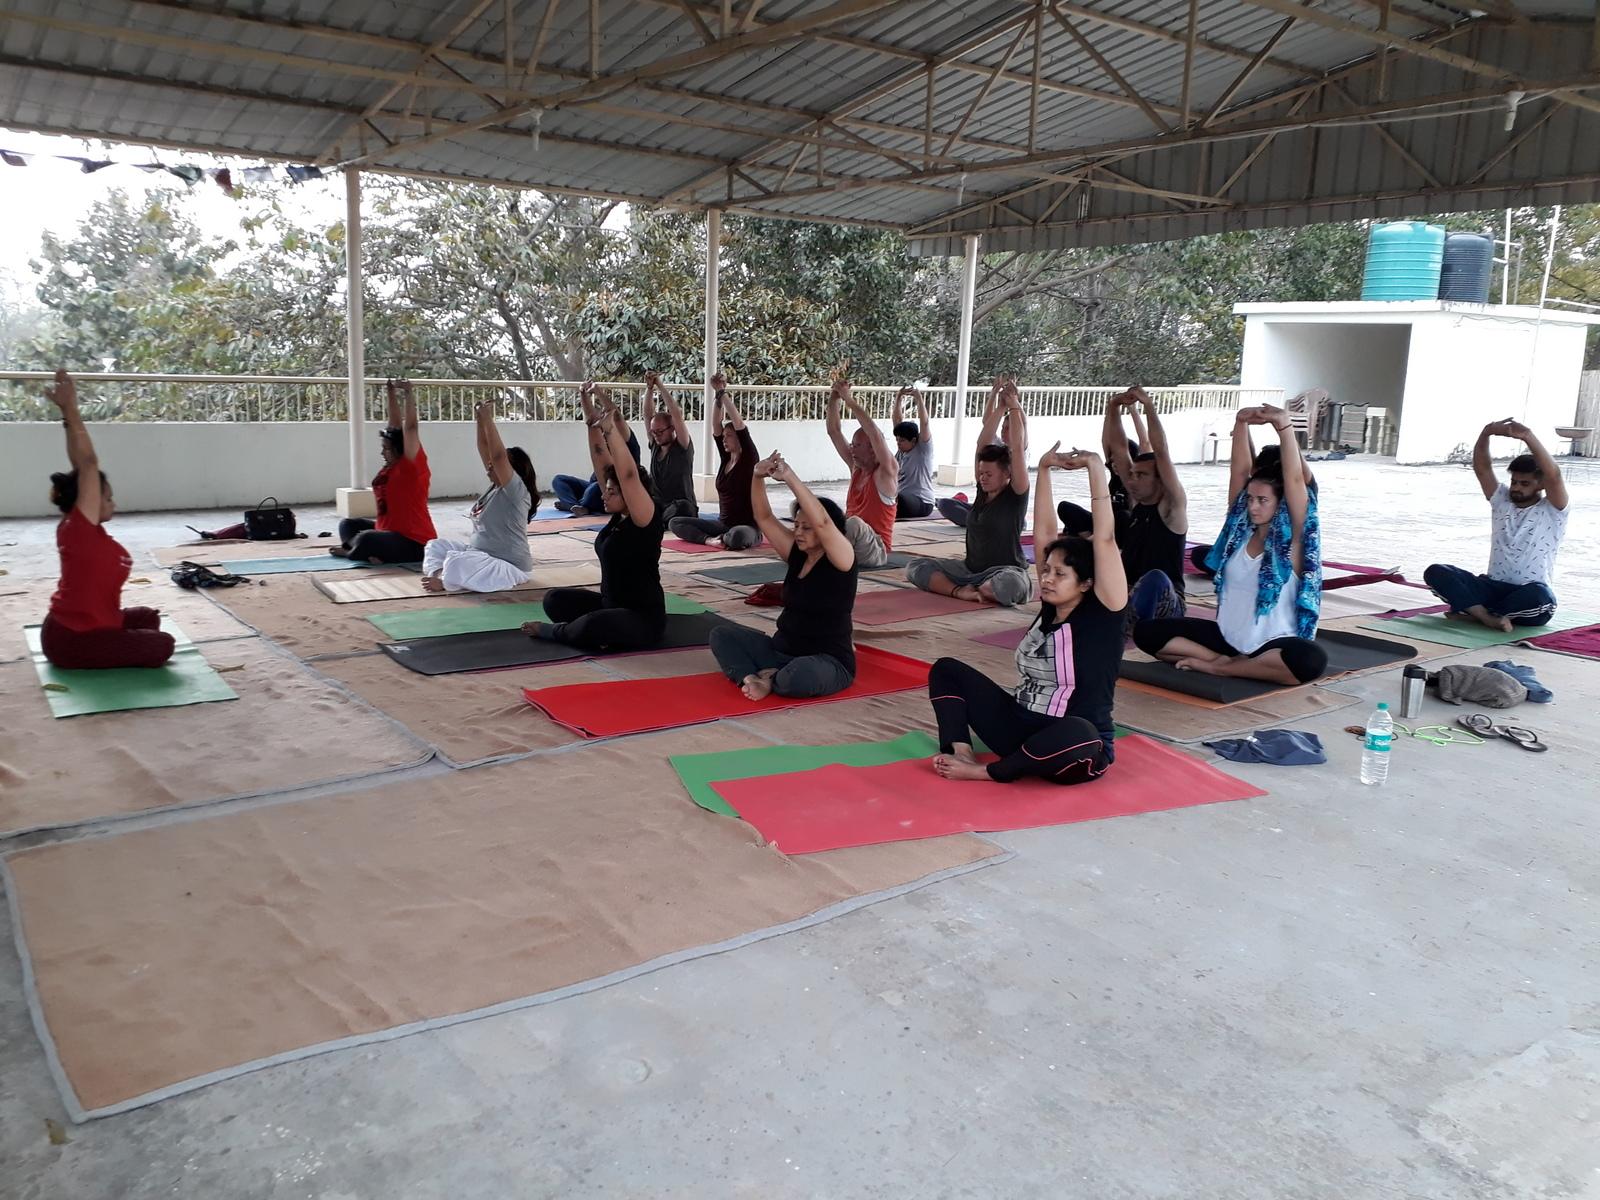 Mystic Yoga Retreat Bodh Gaya March 2018 -  (11).JPG